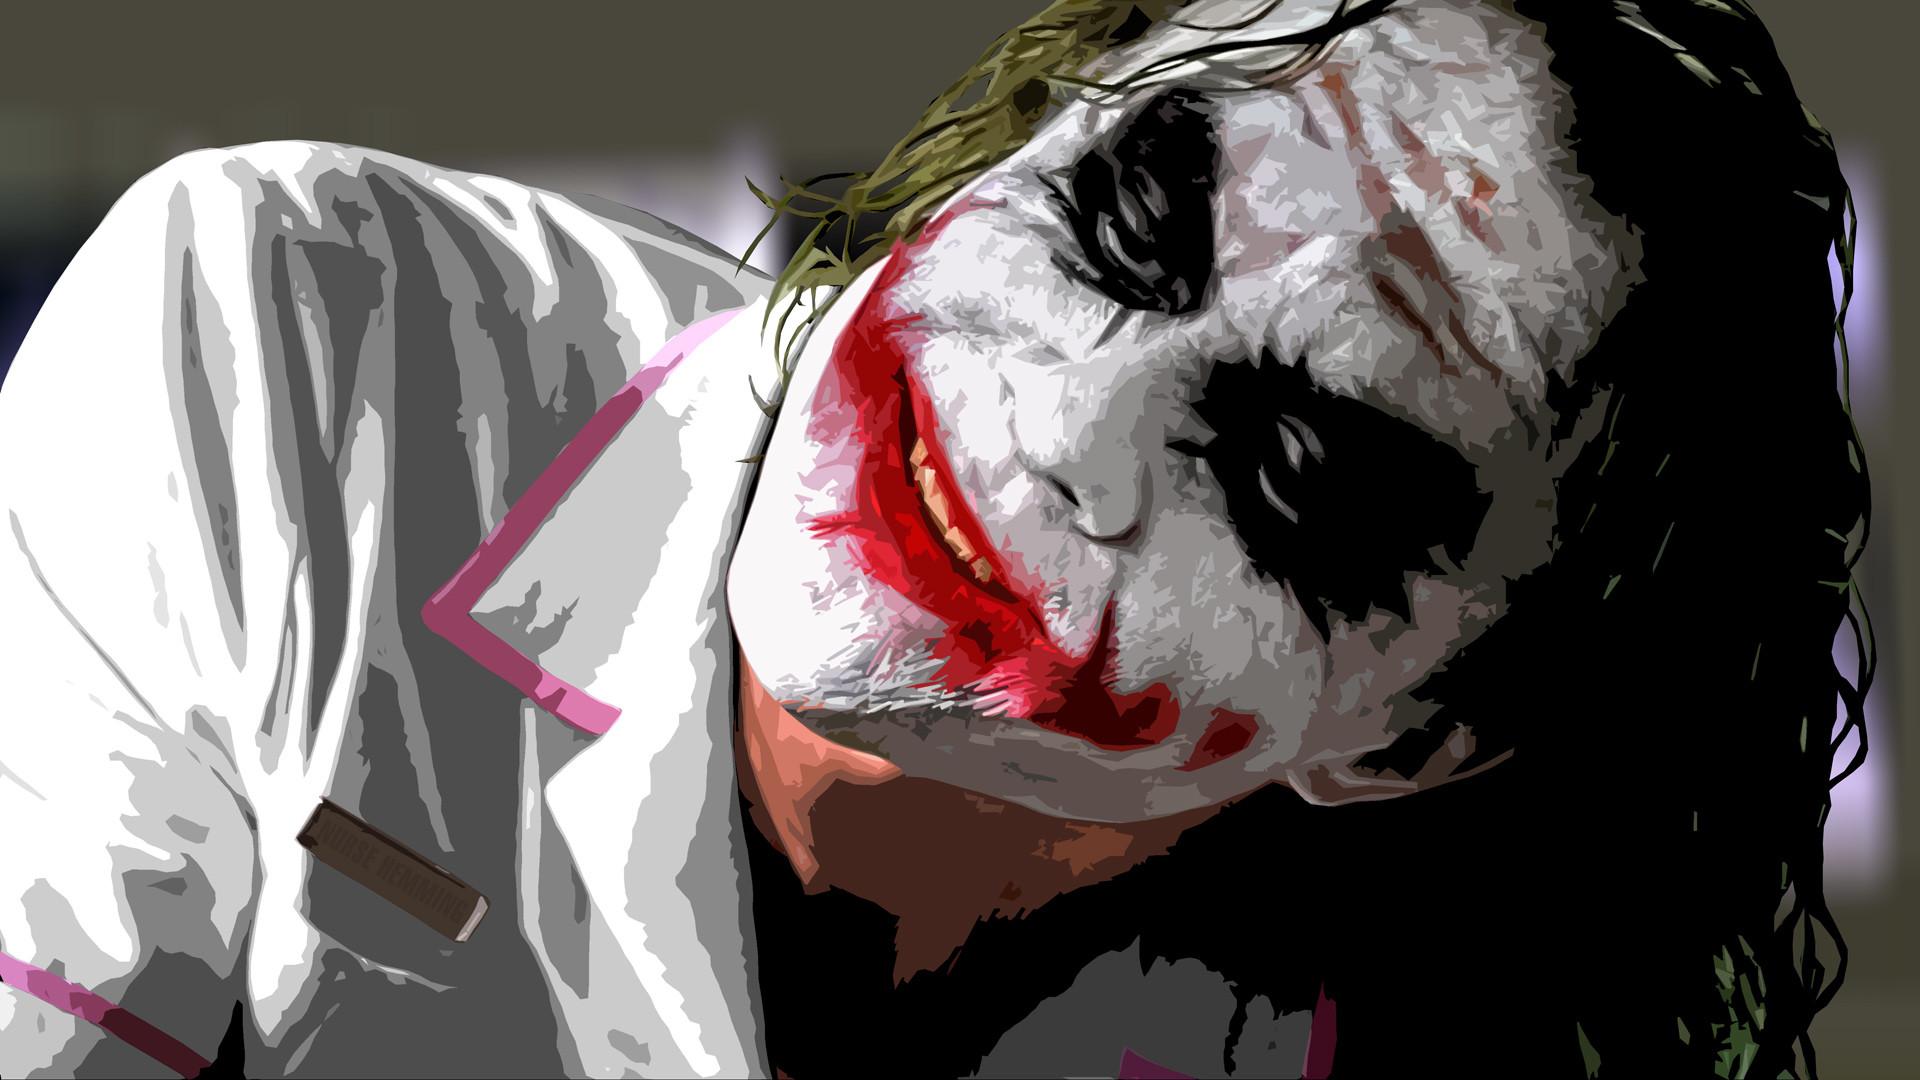 Heath Ledger/The Joker